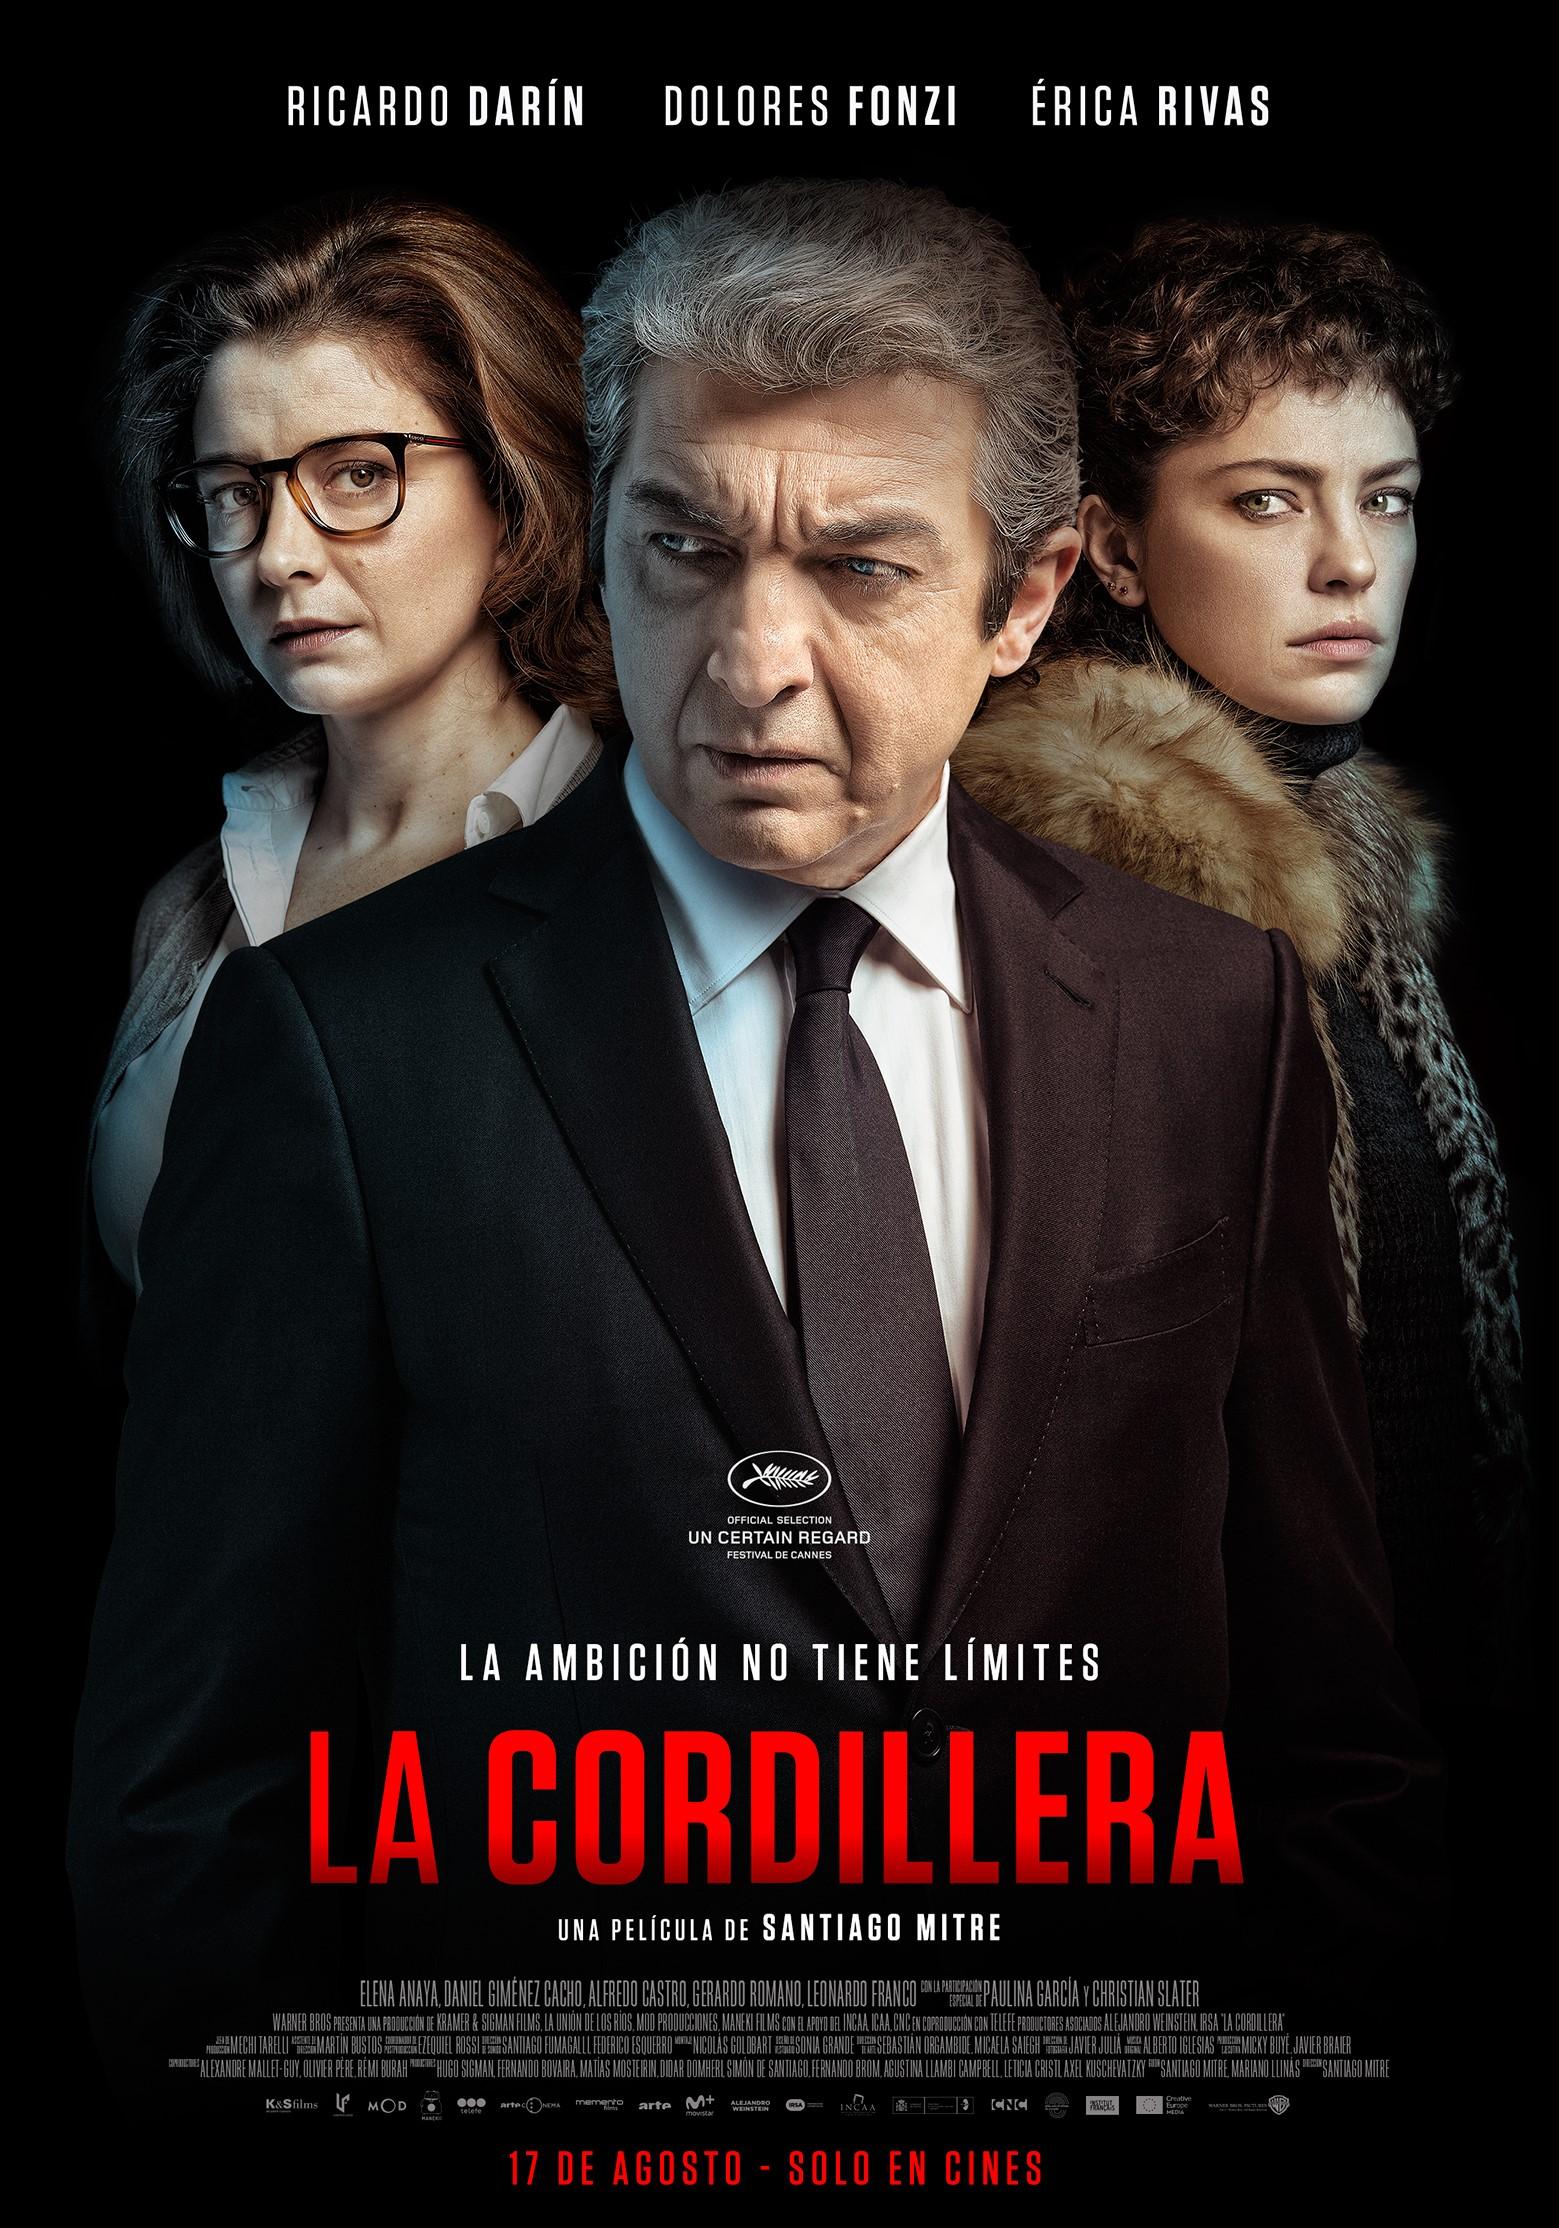 """Se estrena """"La cordillera"""", con Ricardo Darín"""